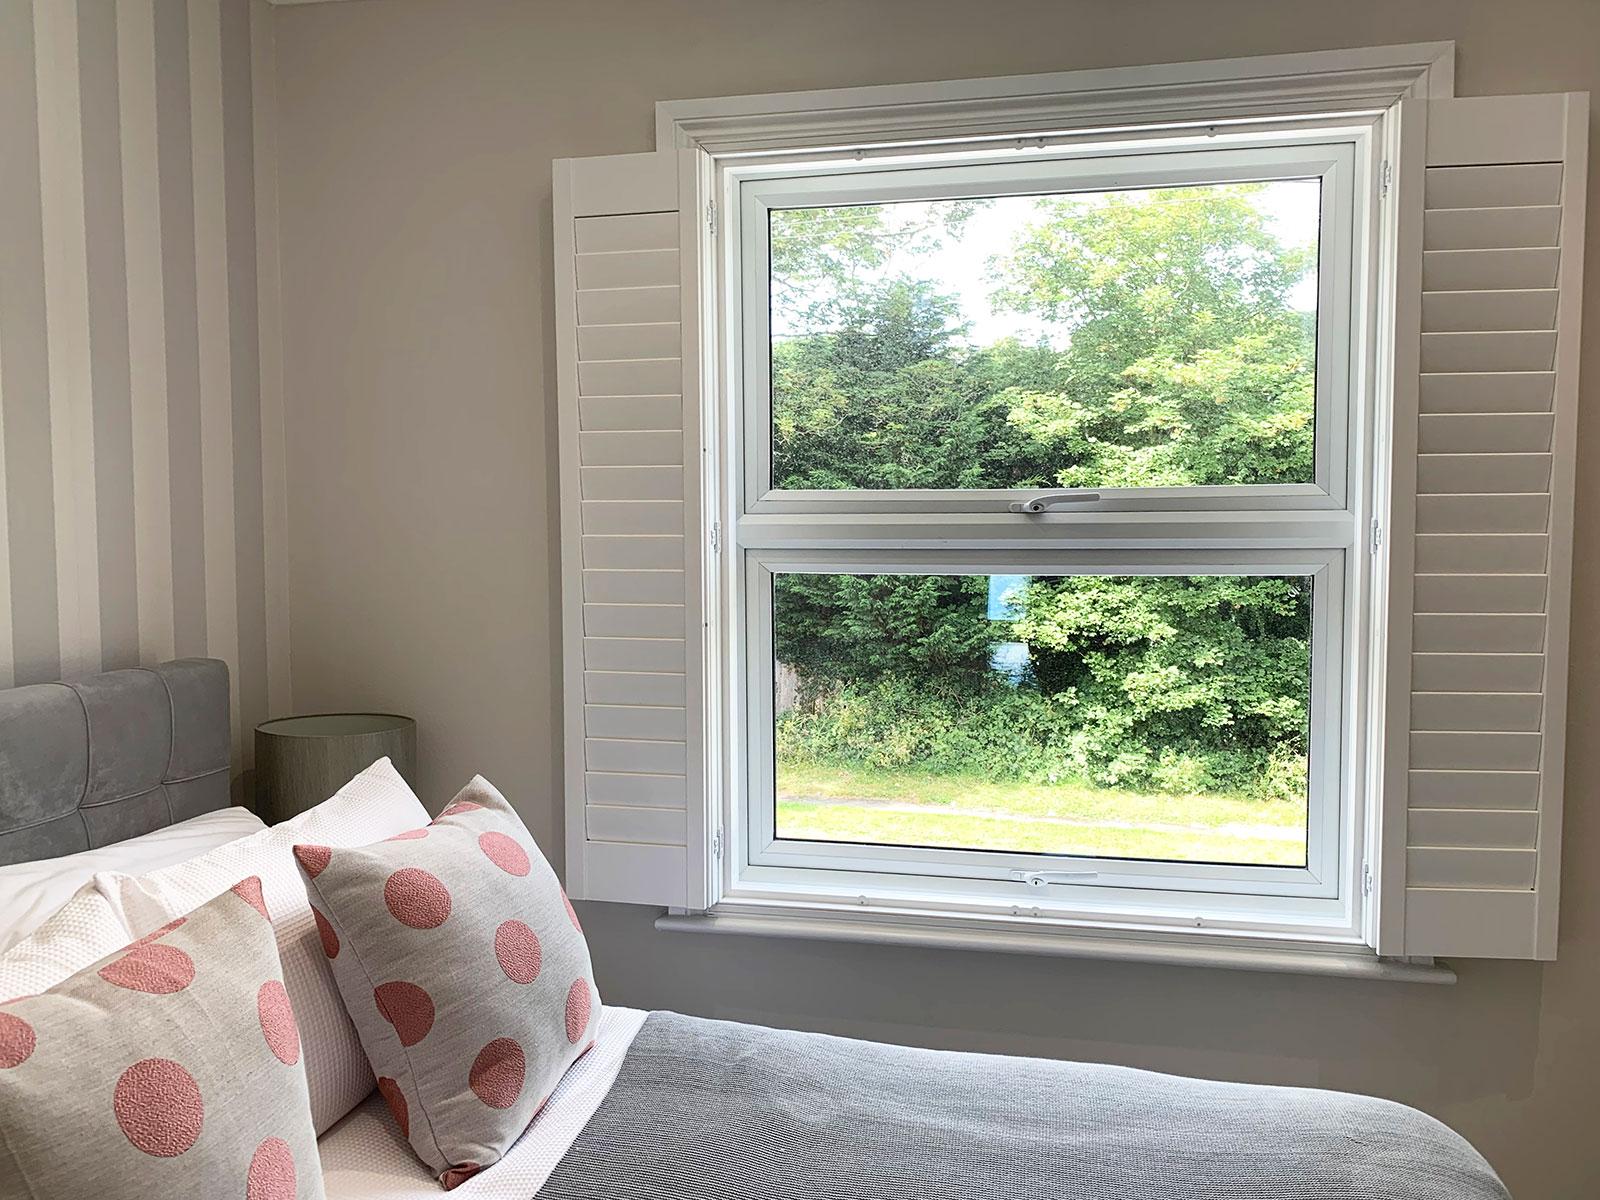 bifold window shutters